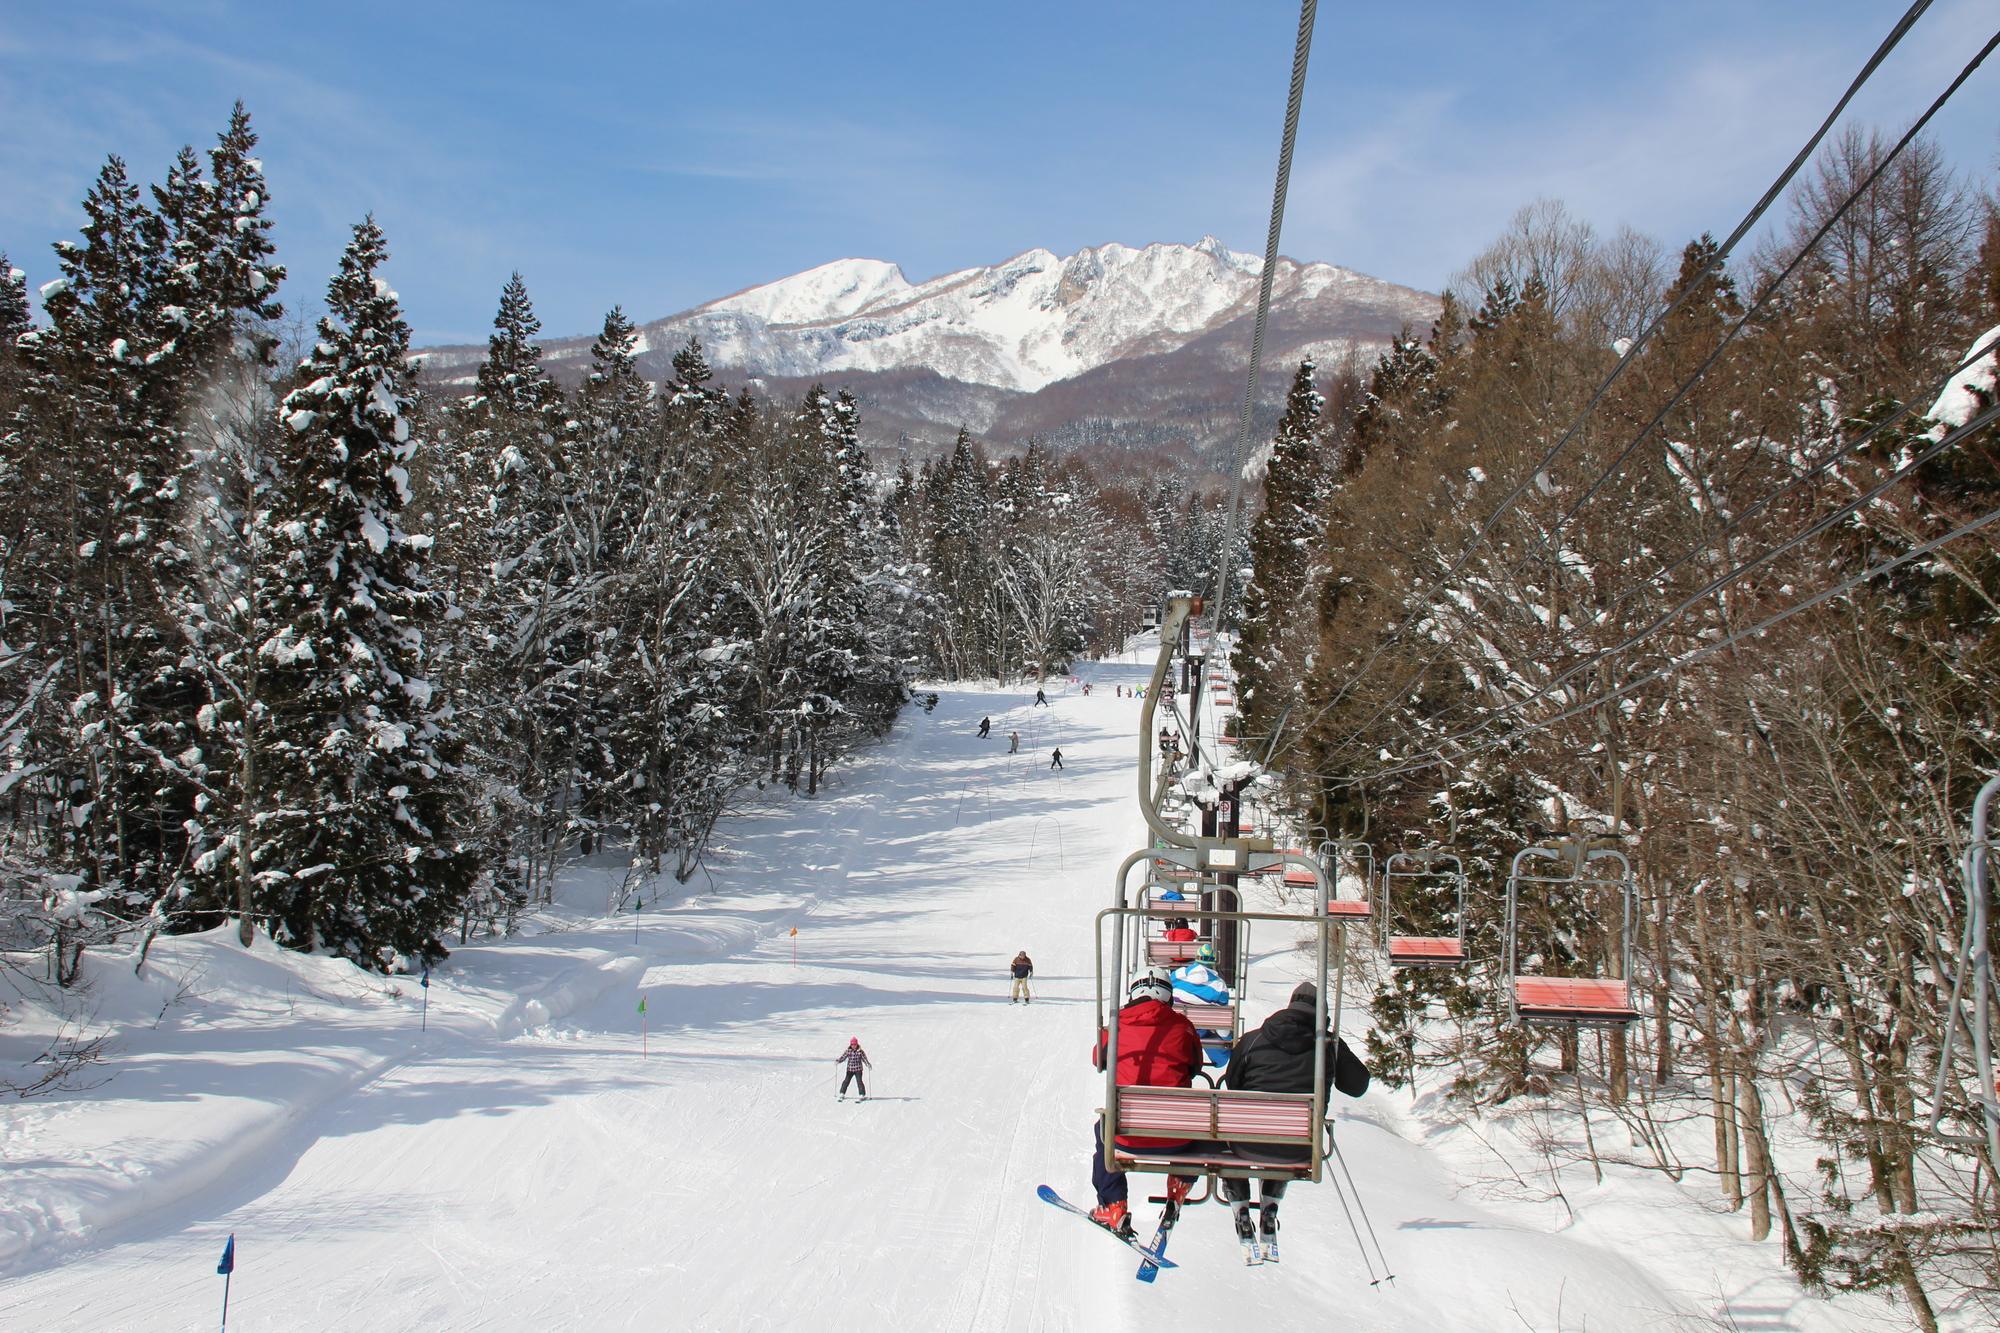 妙高高原・赤倉温泉(新潟県)冬のスキー場リゾートバイト求人特集